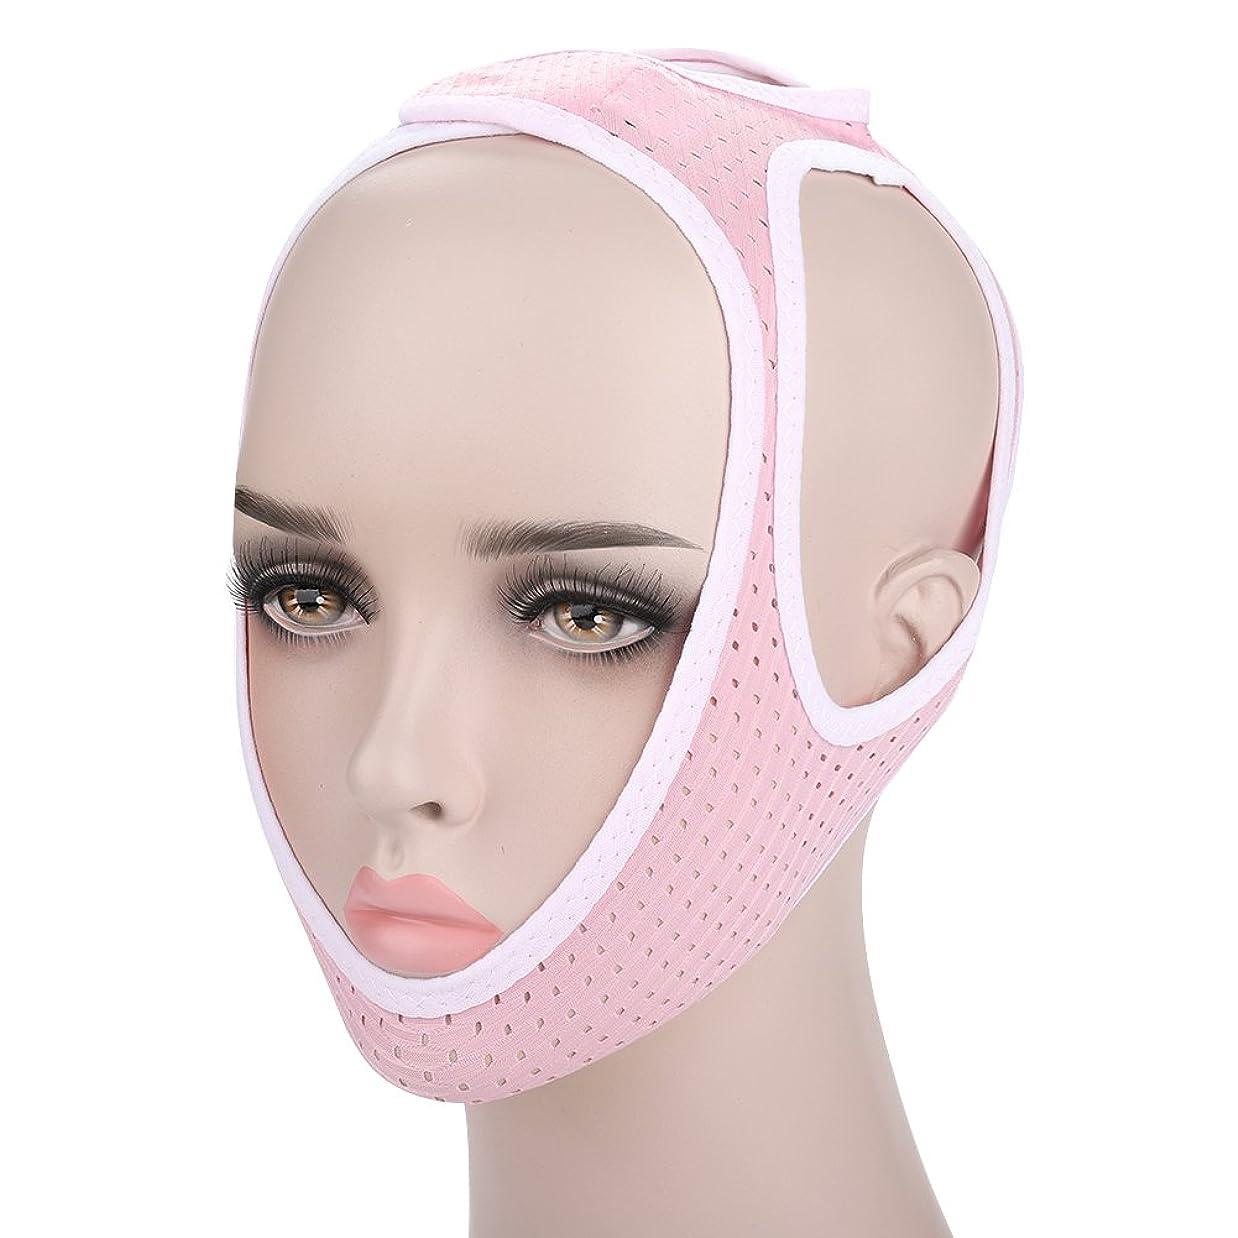 レディエクスタシー教養がある小顔 顎リフト 小顔マスク フェイシャルスリミングマスク グッズ フェイス マスク 顔の包帯スリ 小顔ベルト男女兼用 (M)